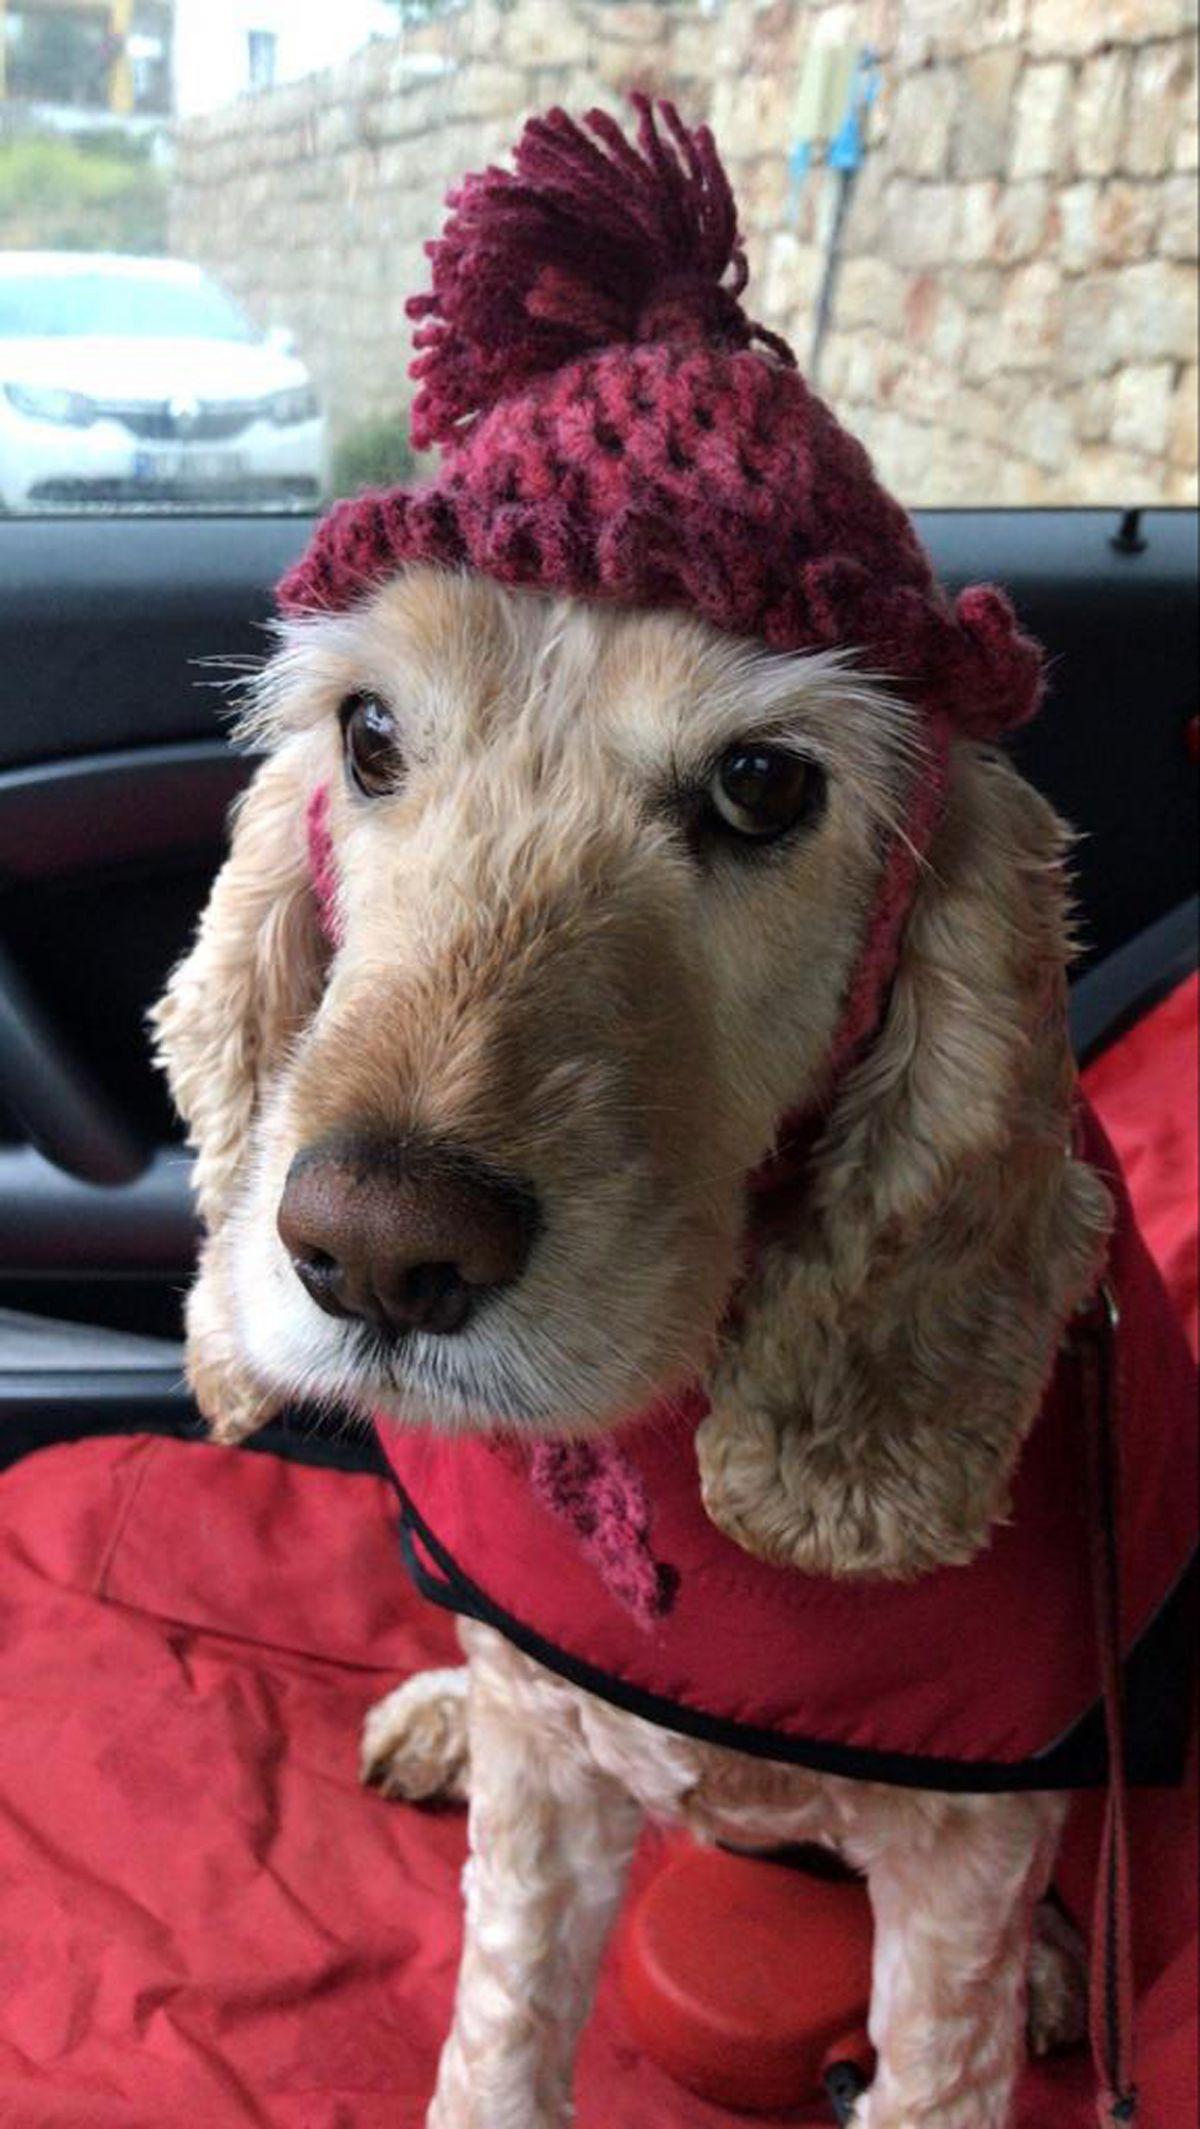 Antalya daki köpek, artık yaşamadığı evden uzaklaştırıldı #3